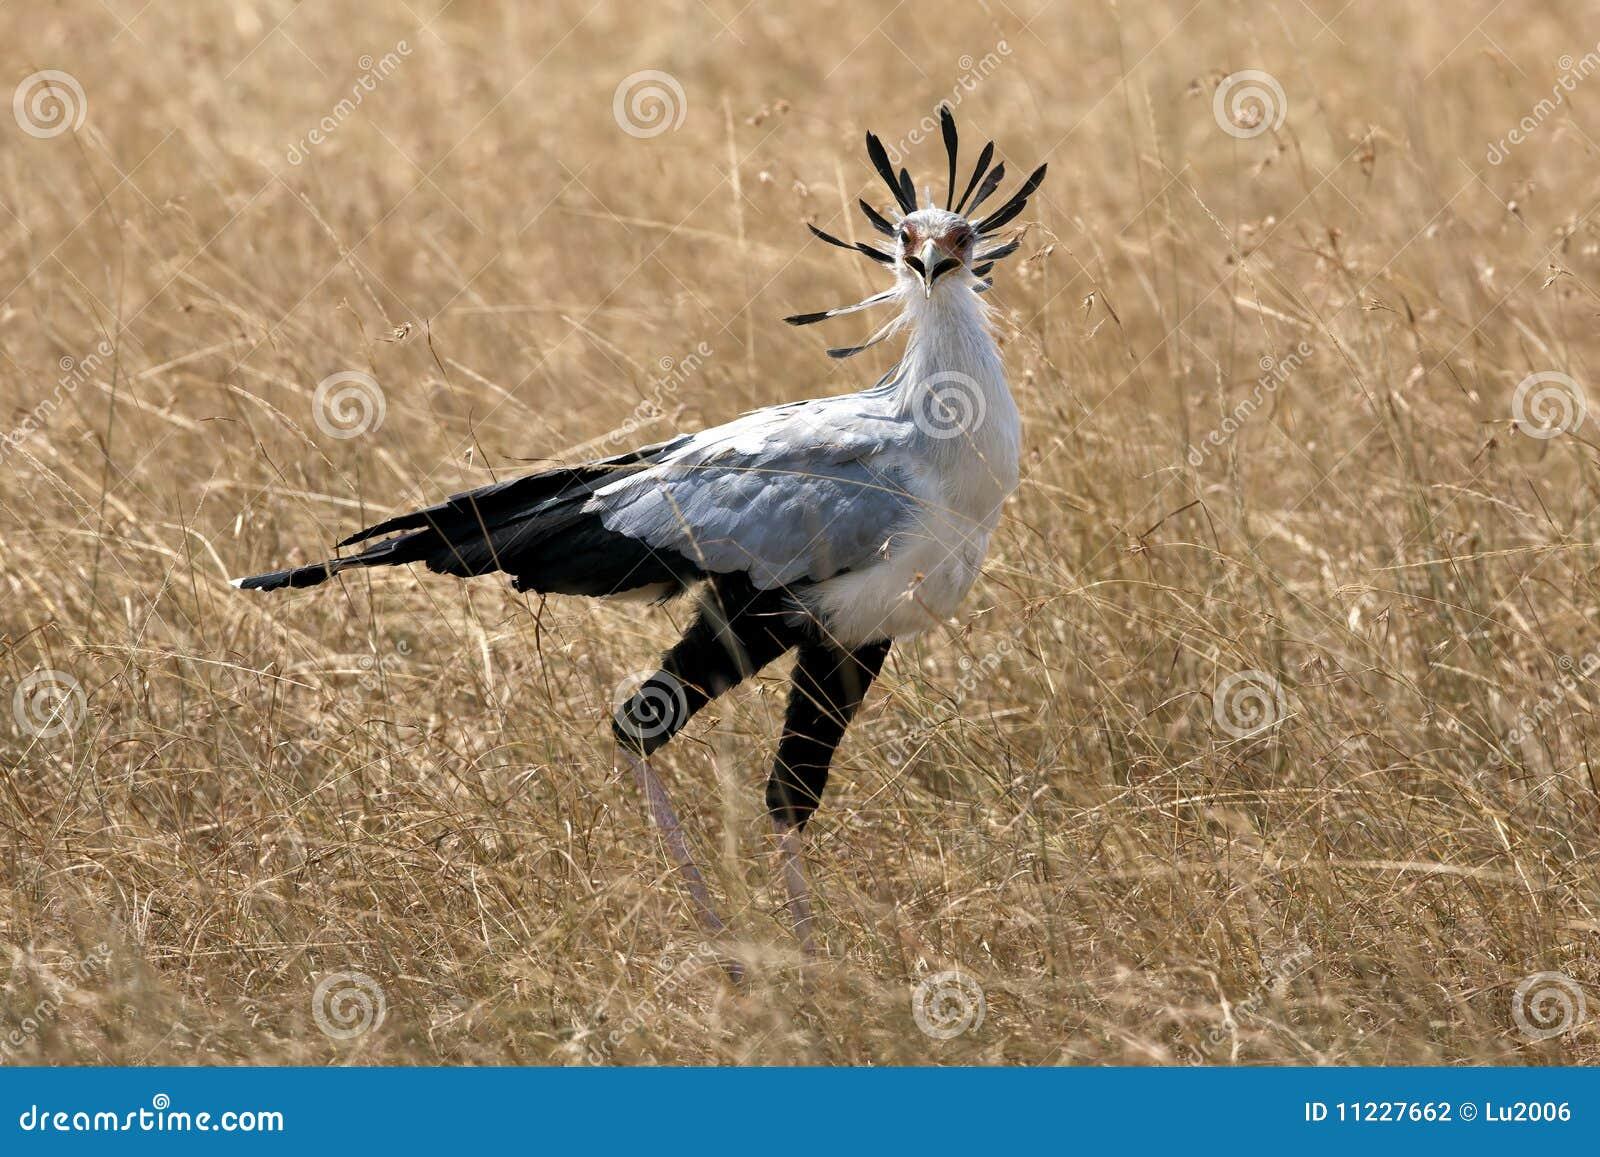 sekretär vogel tansania ~ sekretär vogel stockfotografie  bild 11227662